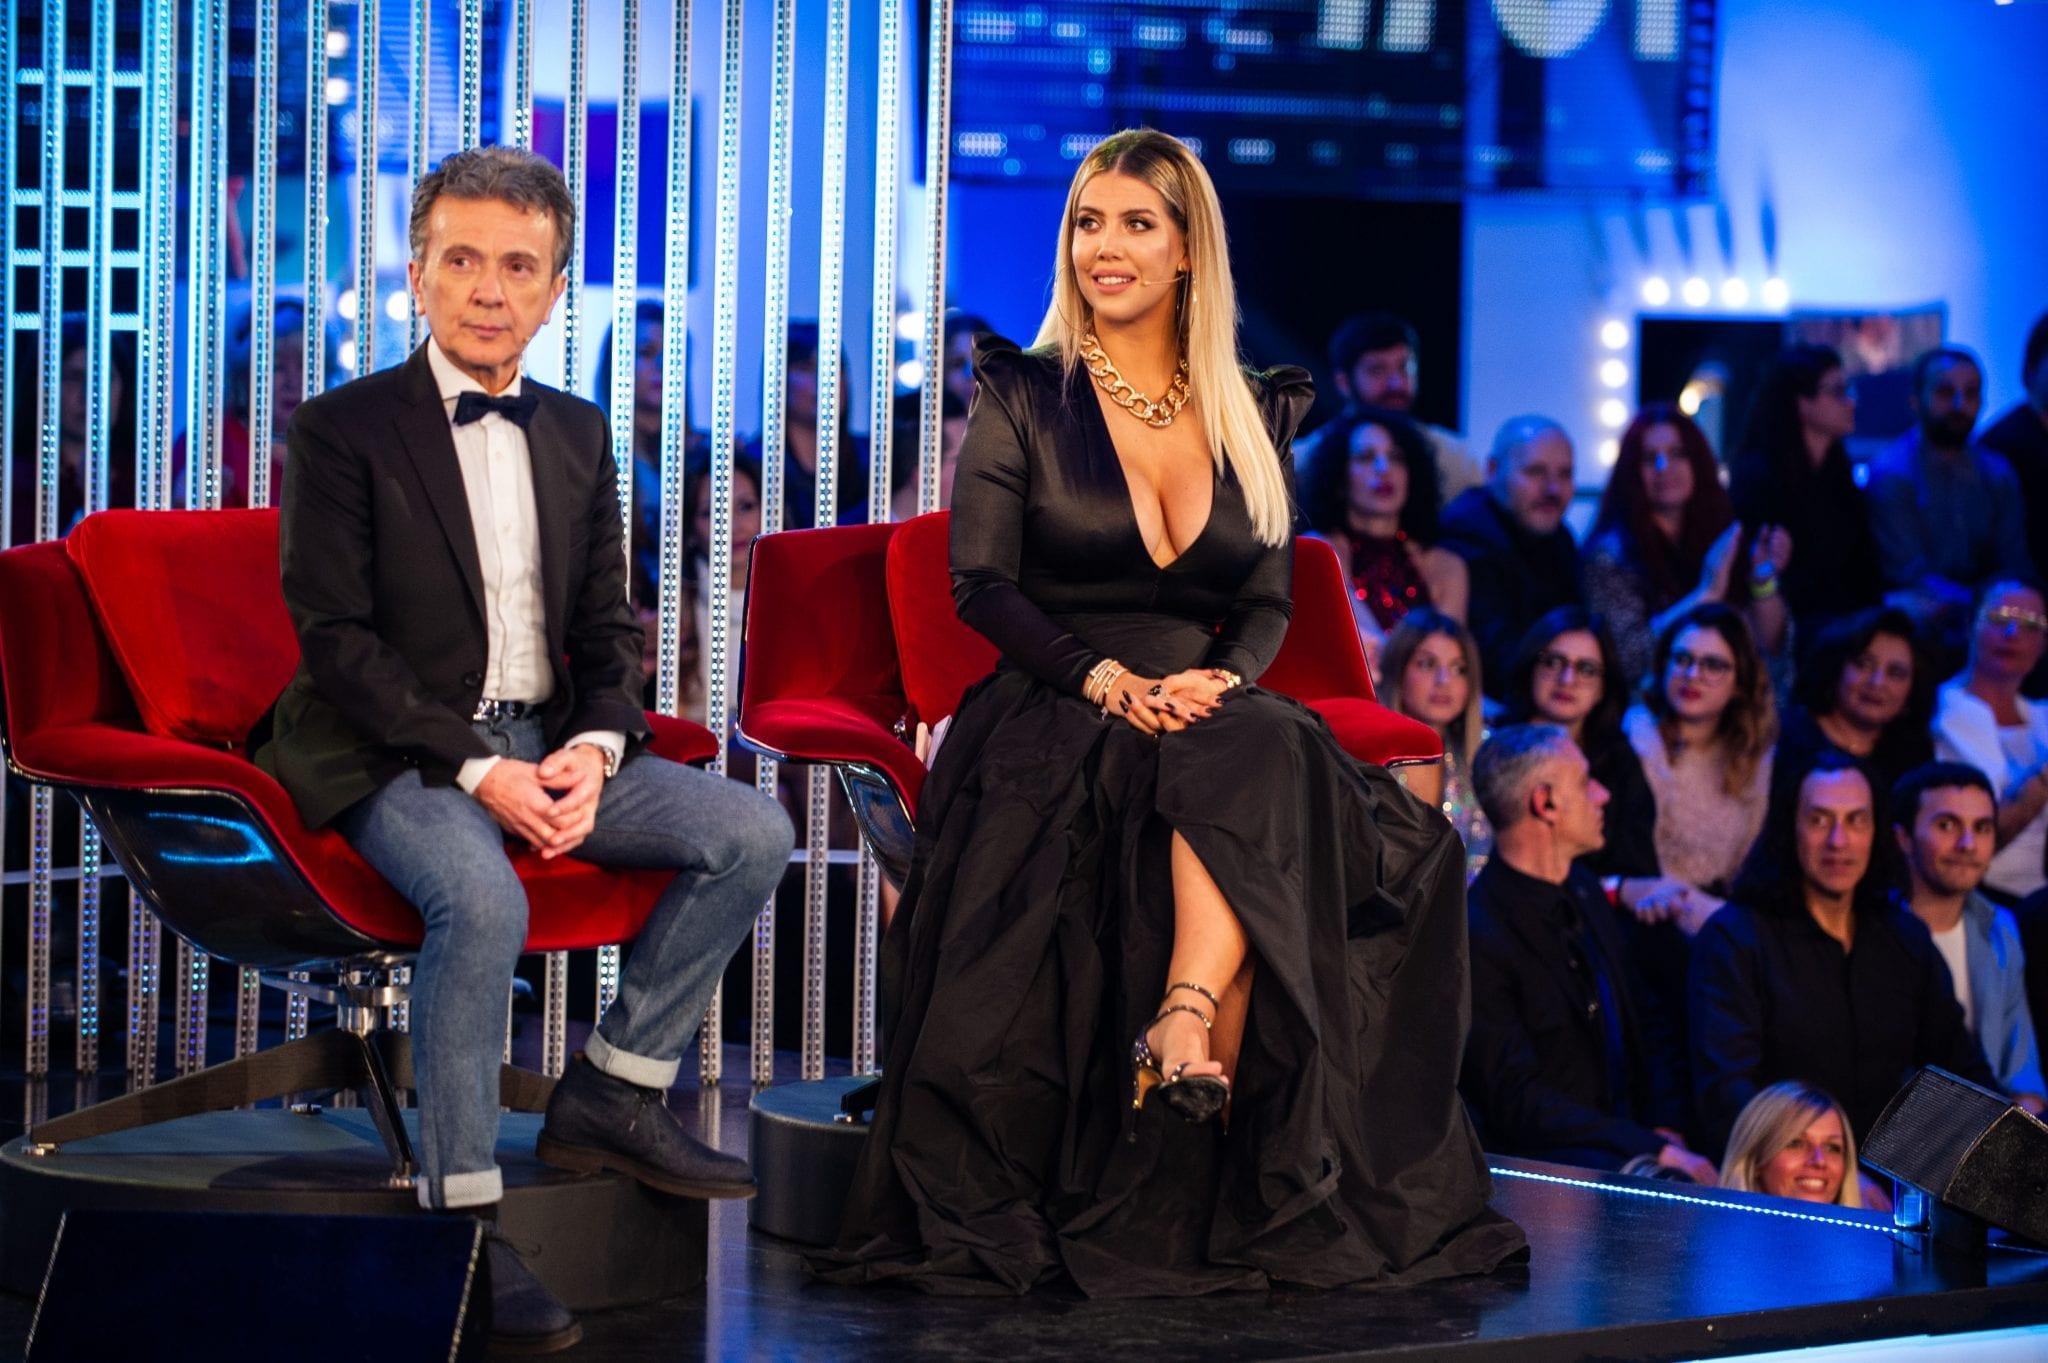 Live venerdì 21 febbraio 2020: GFVip 4 tredicesima puntata, con Alfonso Signorini, in prima serata su Canale 5. Coppia di opinionisti Pupo e Wanda Nara